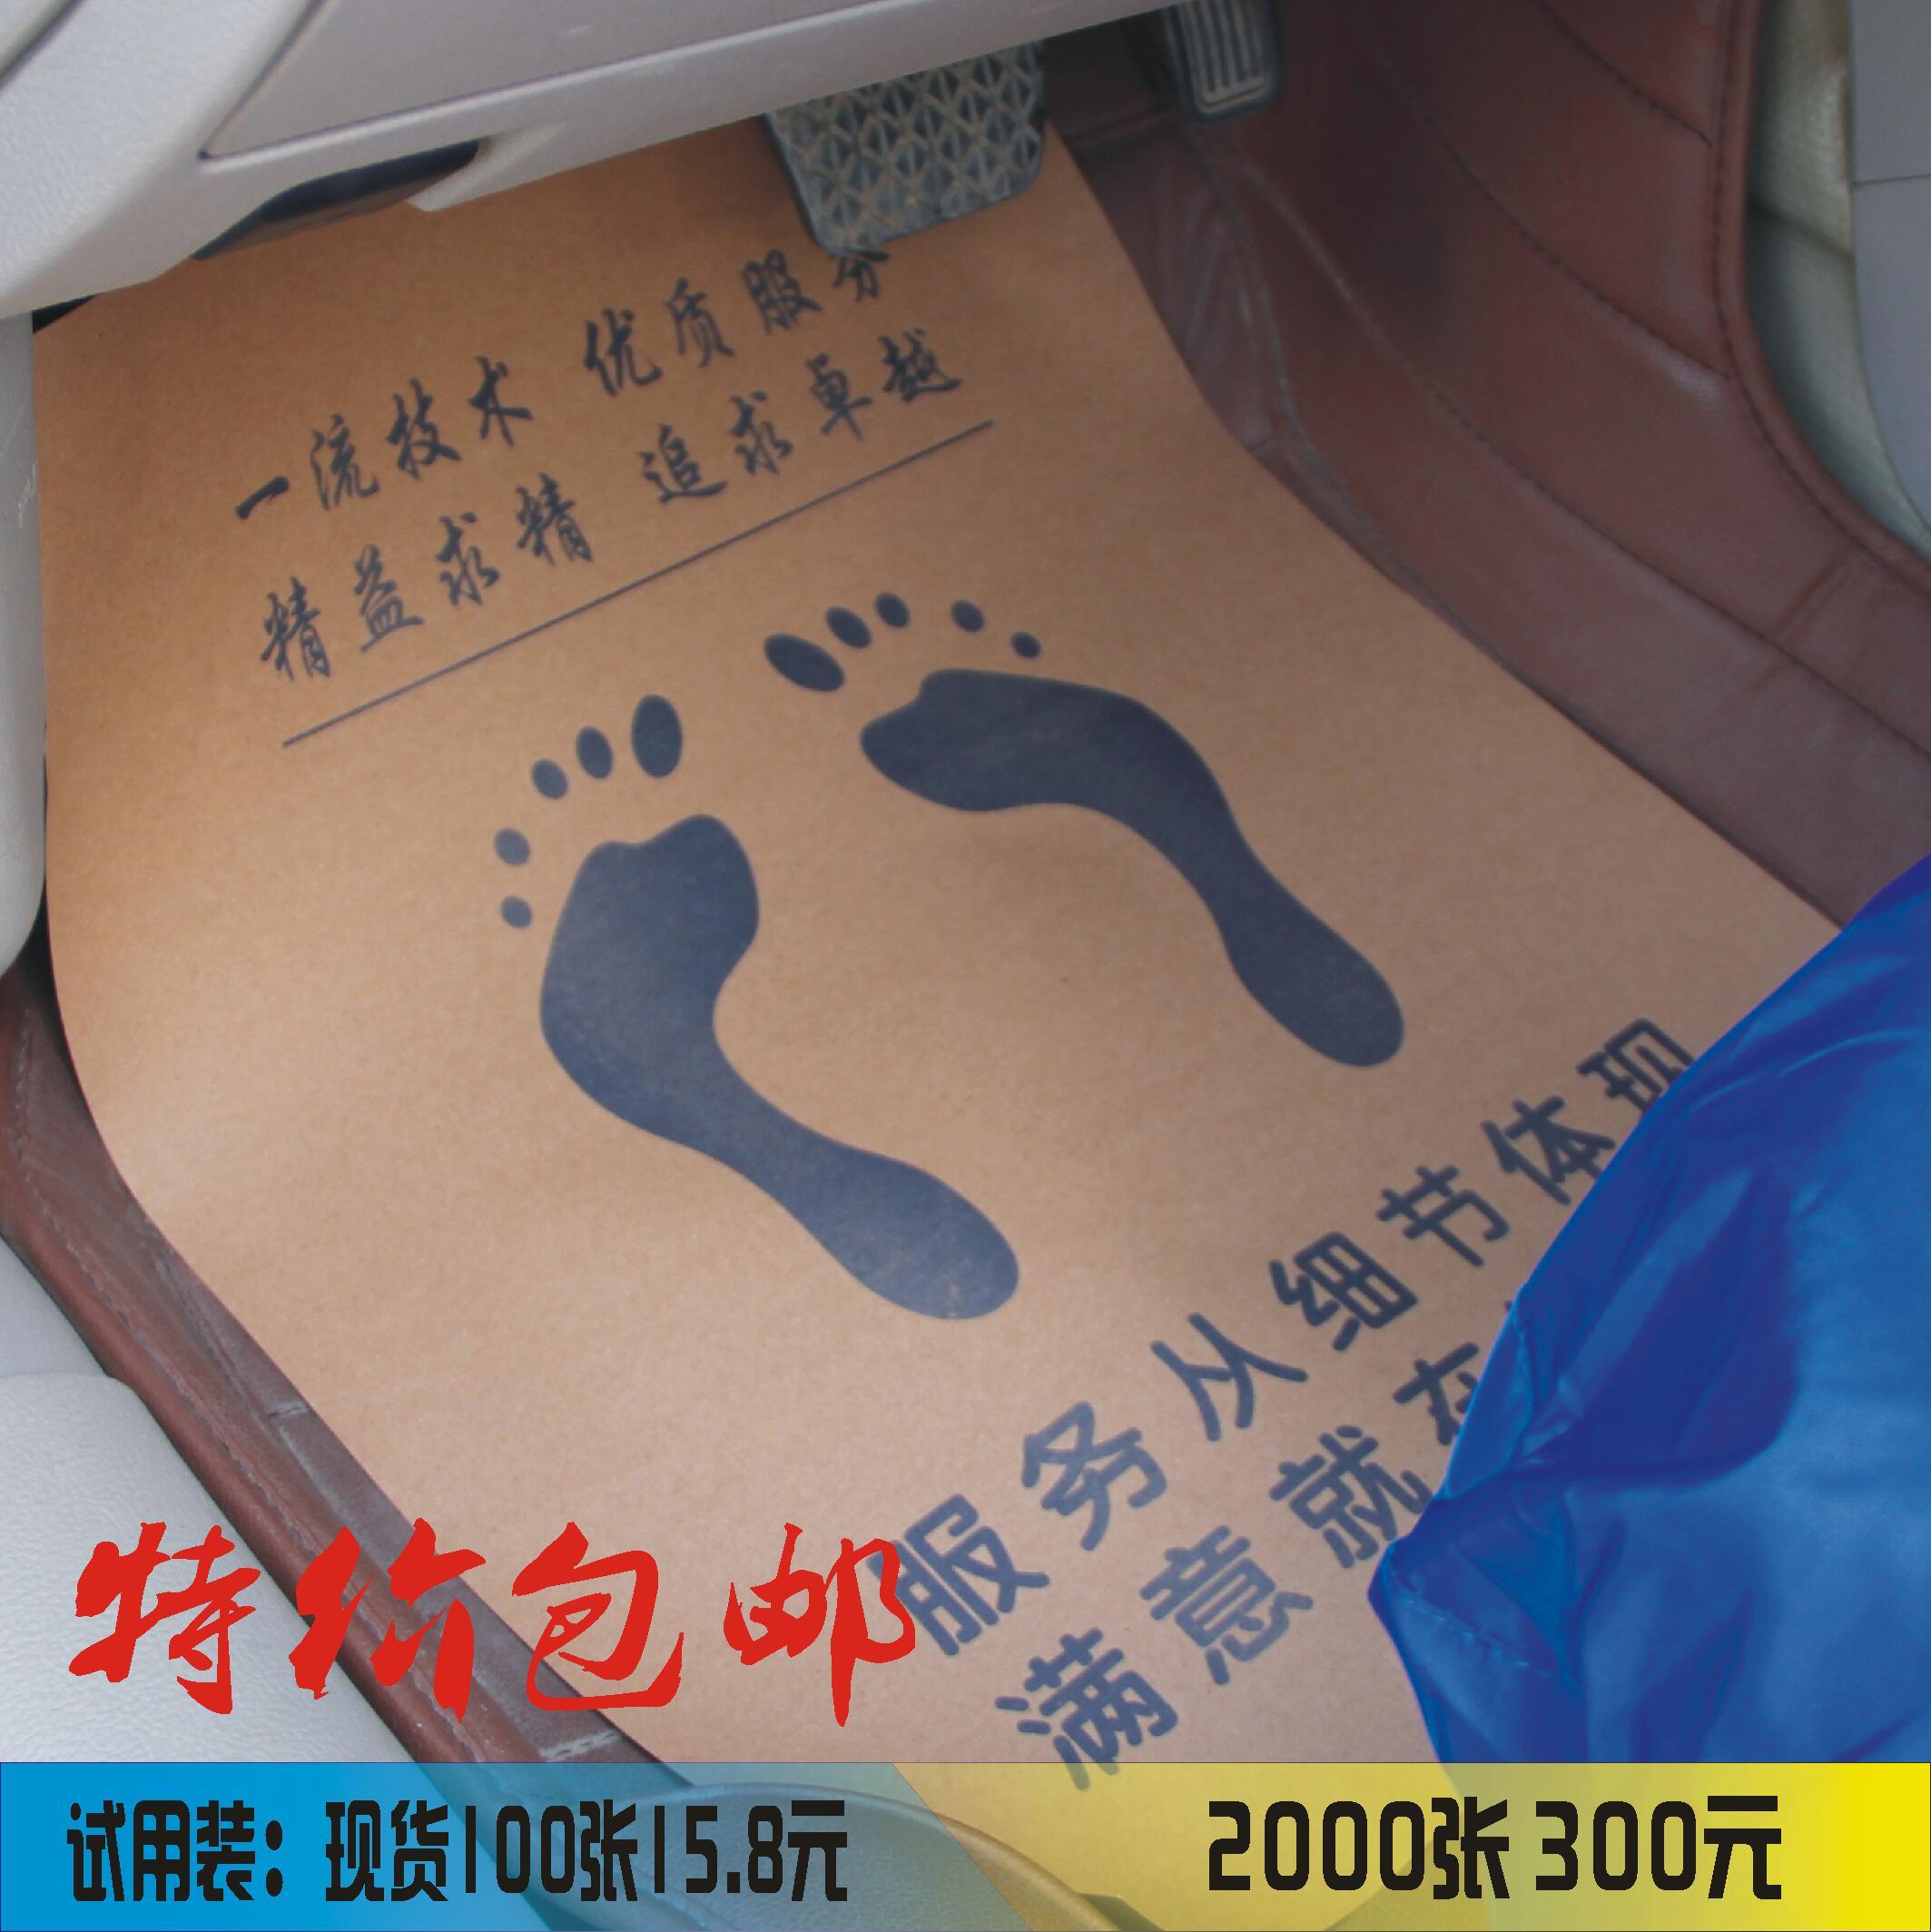 自動車用使い捨てマット防水シート洗車店の牛皮印刷美容足踏み紙メーカーがカスタマイズします。